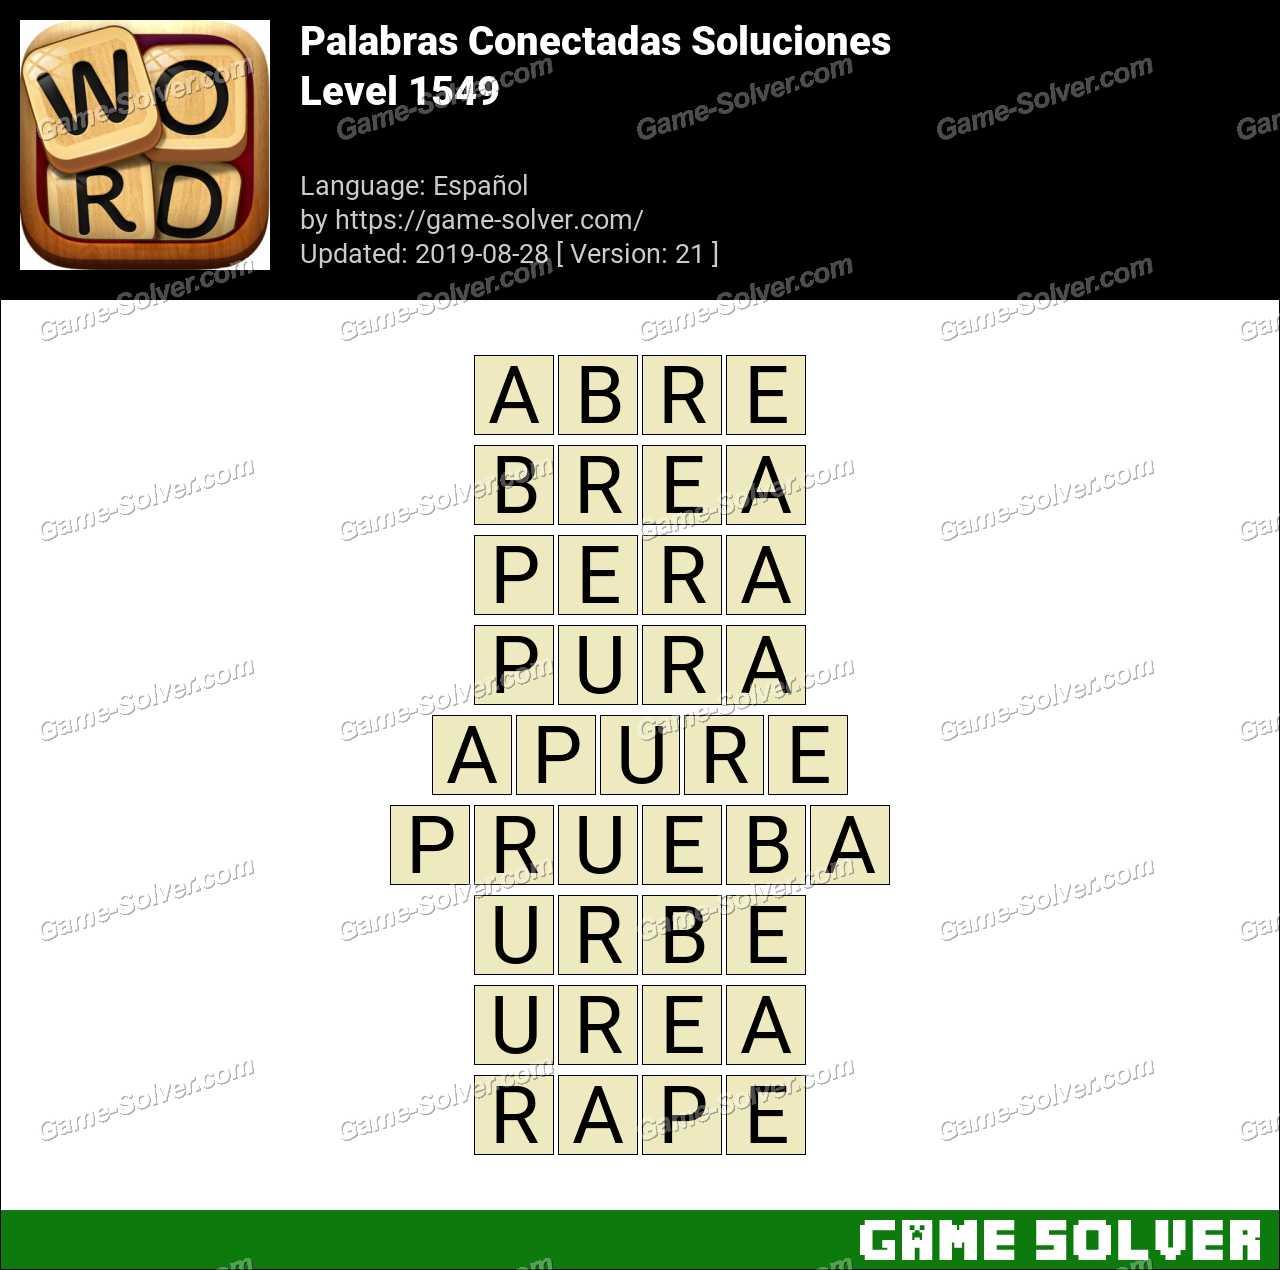 Palabras Conectadas Nivel 1549 Soluciones